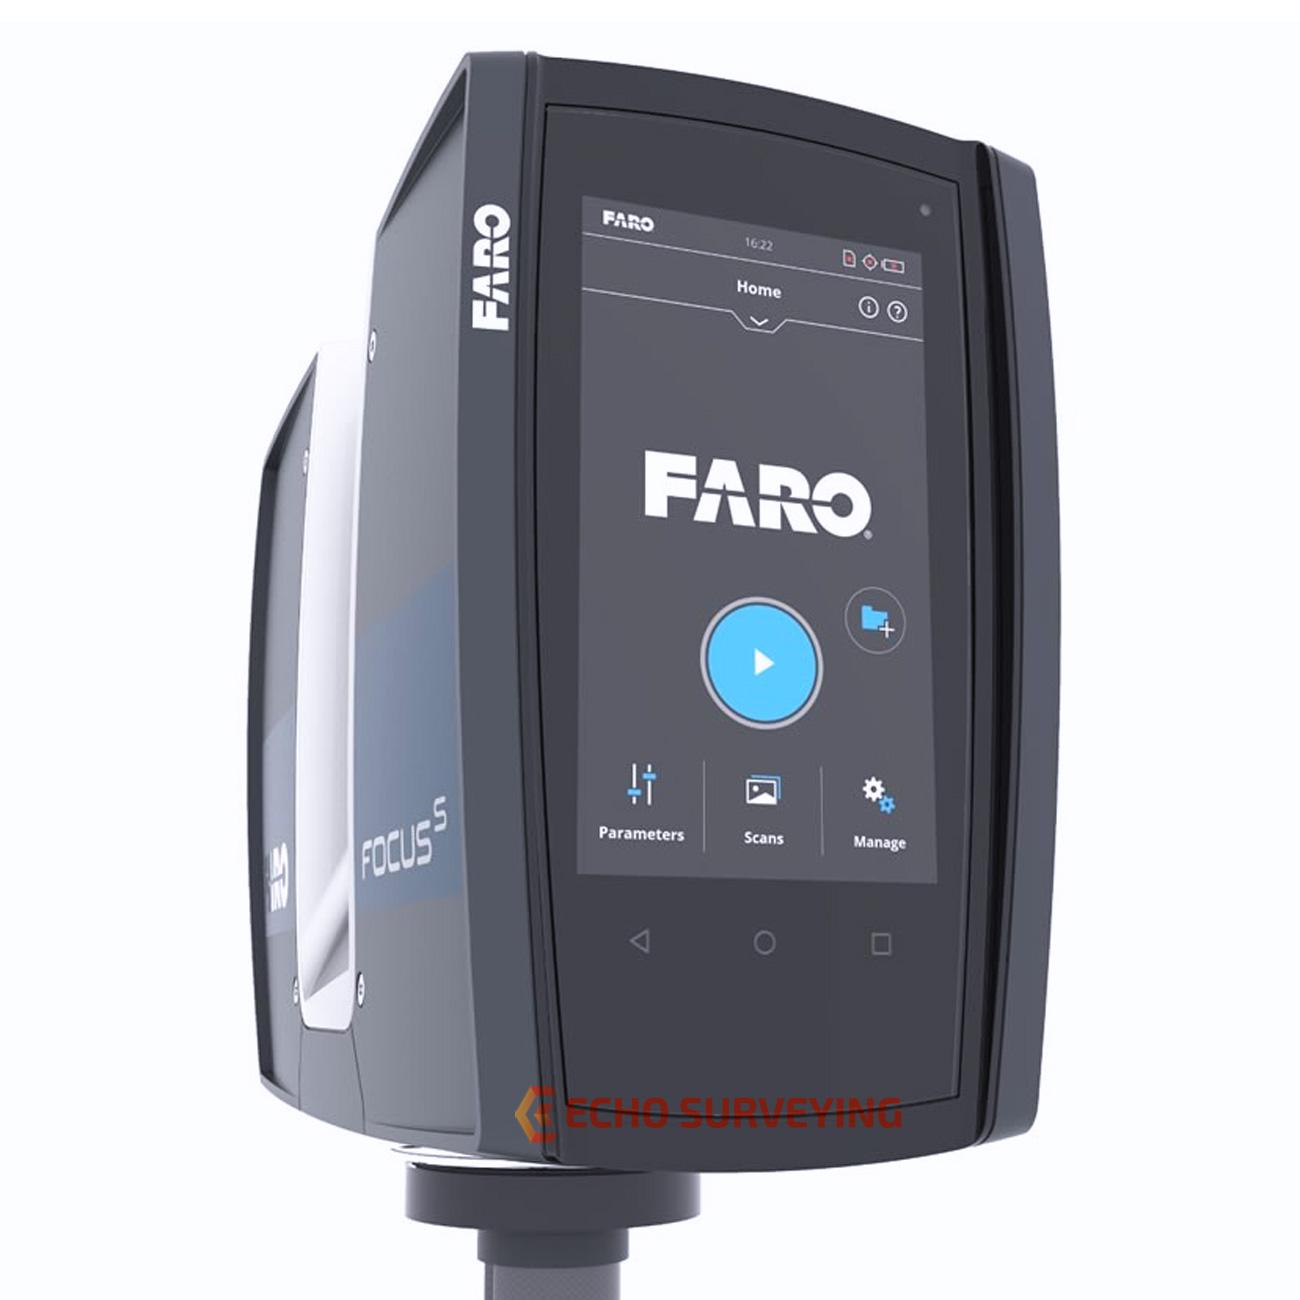 Faro-Focus-S70-Scanner.jpg